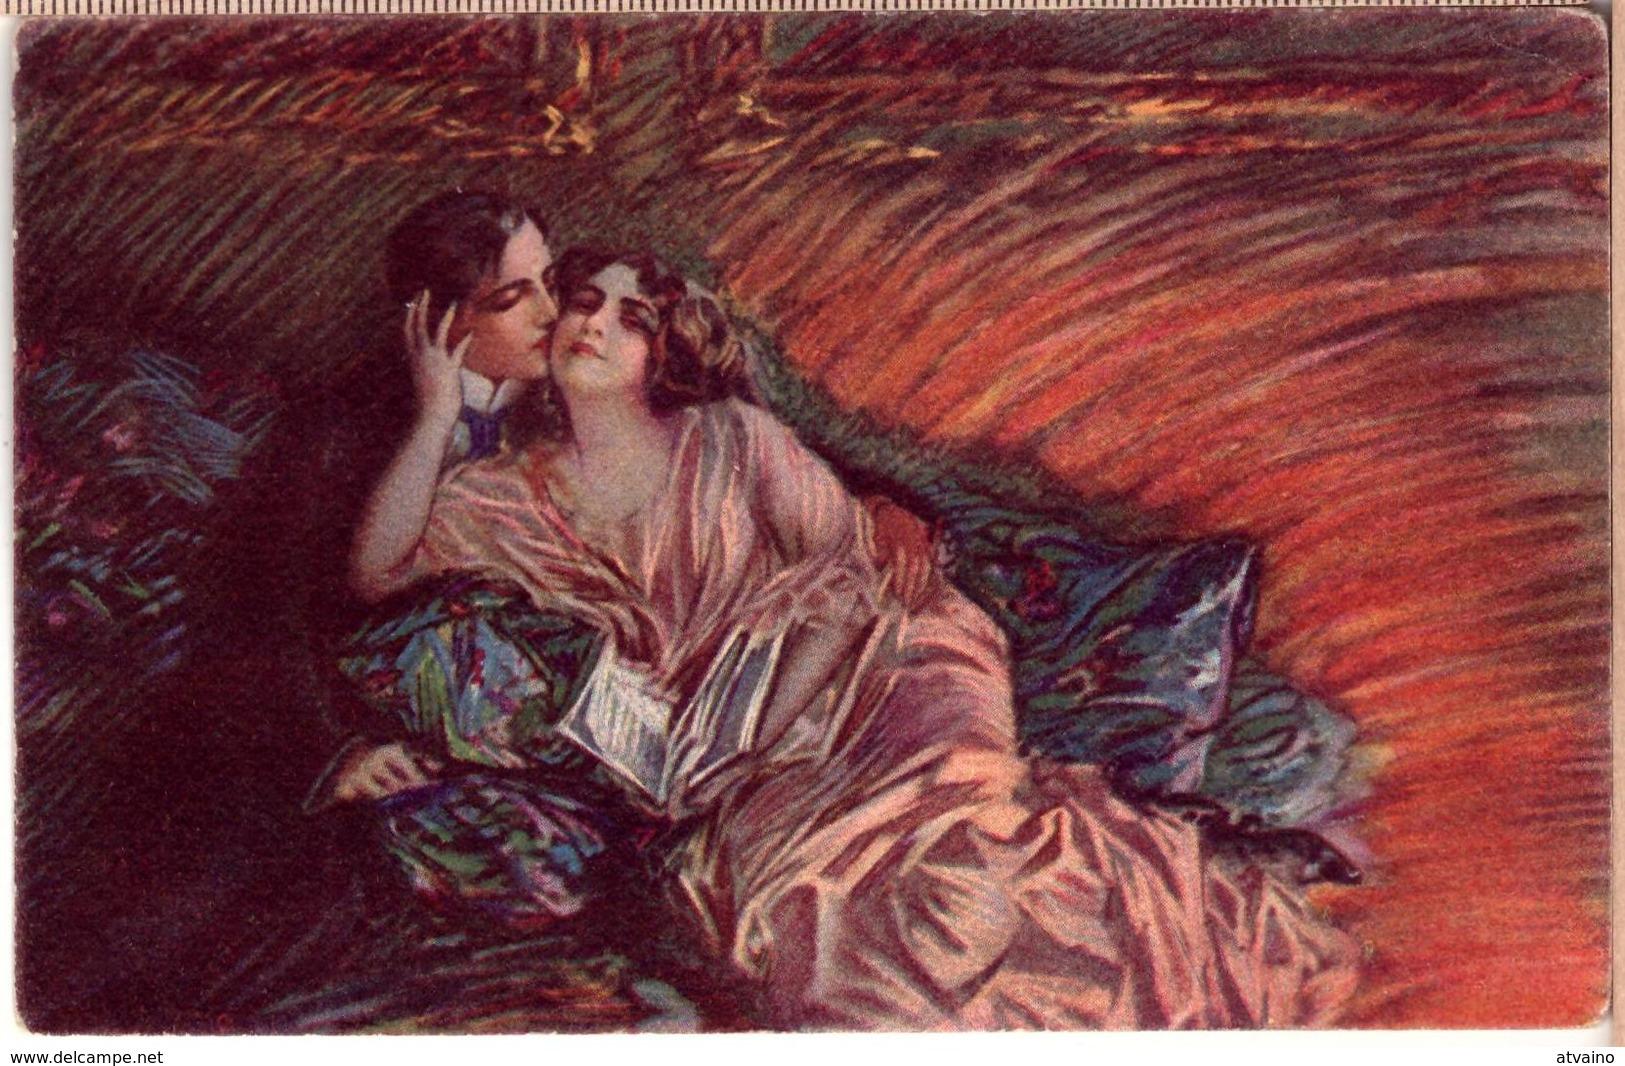 Artist Signed Italian Art Deco Couple PC 1920s - Autres Illustrateurs